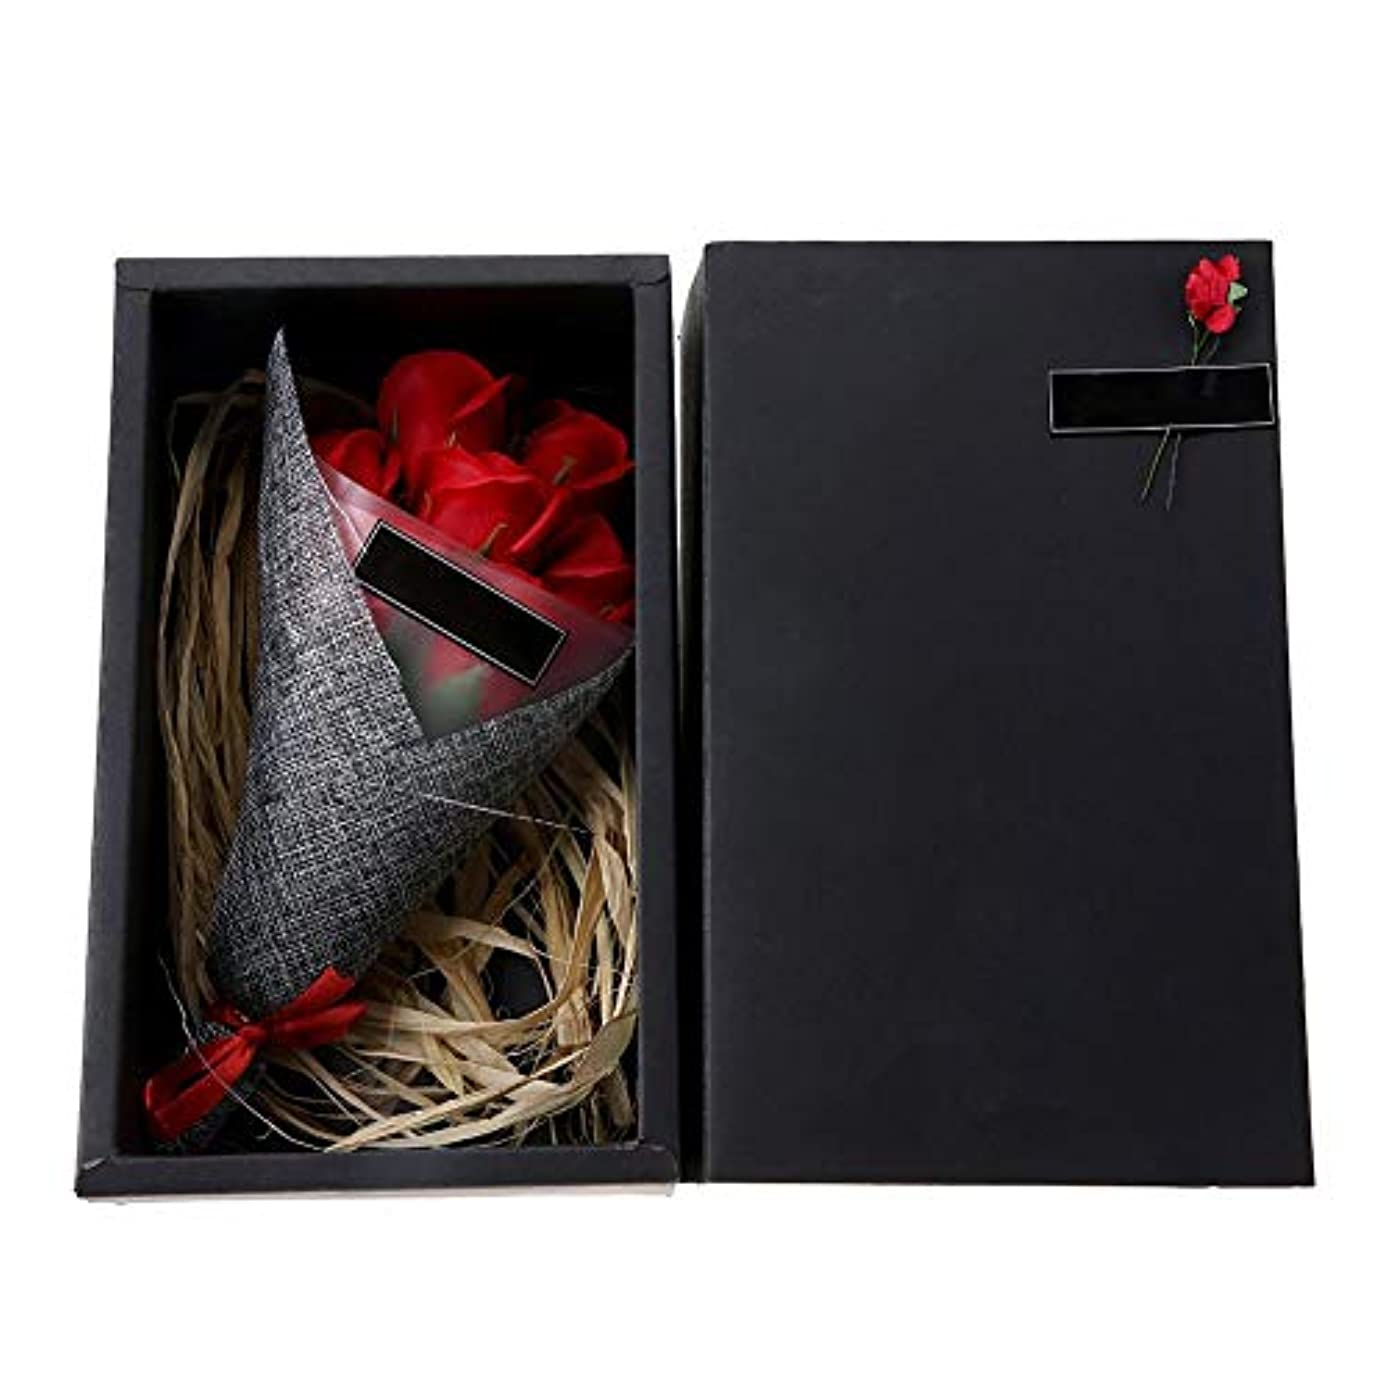 連続した型骨石鹸の花-フランケンラントソープペタルフラワーフェアリーライトバレンタイン母の日のための部屋の装飾ギフト(赤いバラ)